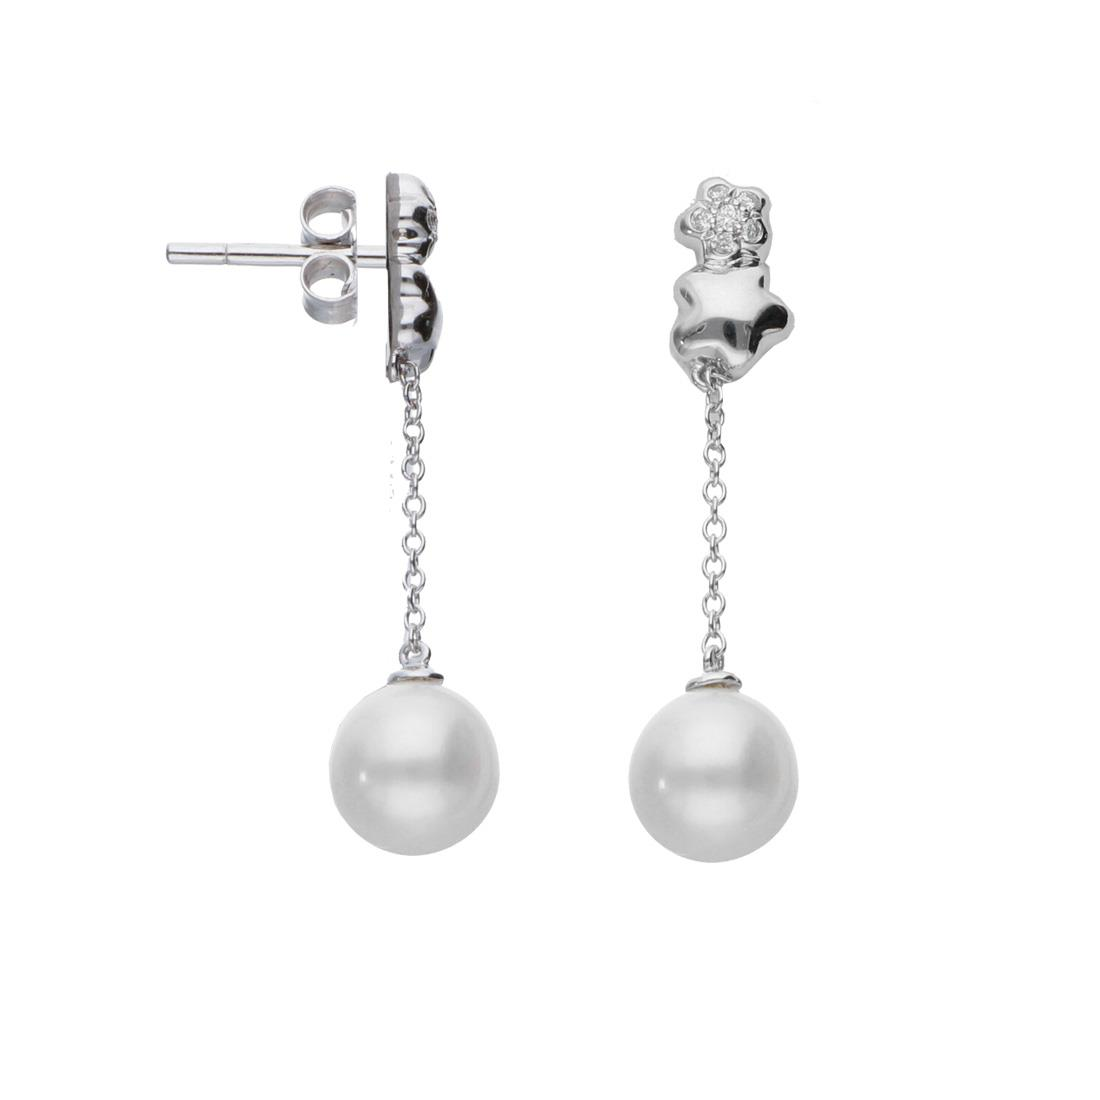 Orecchini in or bianco con perla - BLISS